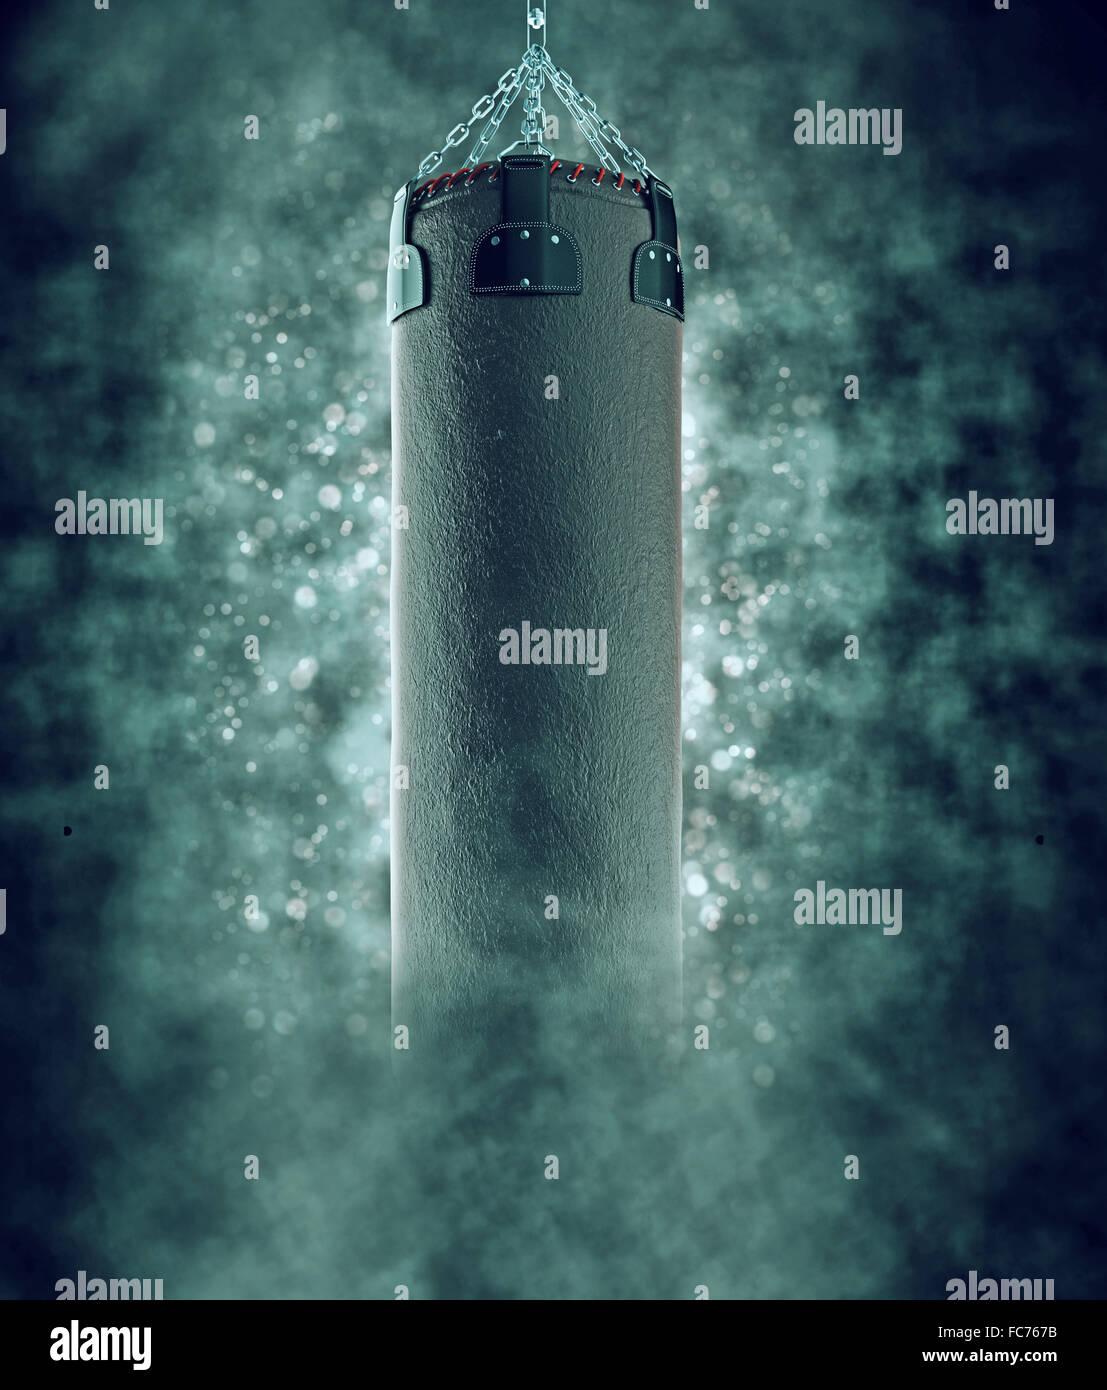 punching bag in smoke with bokeh - Stock Image